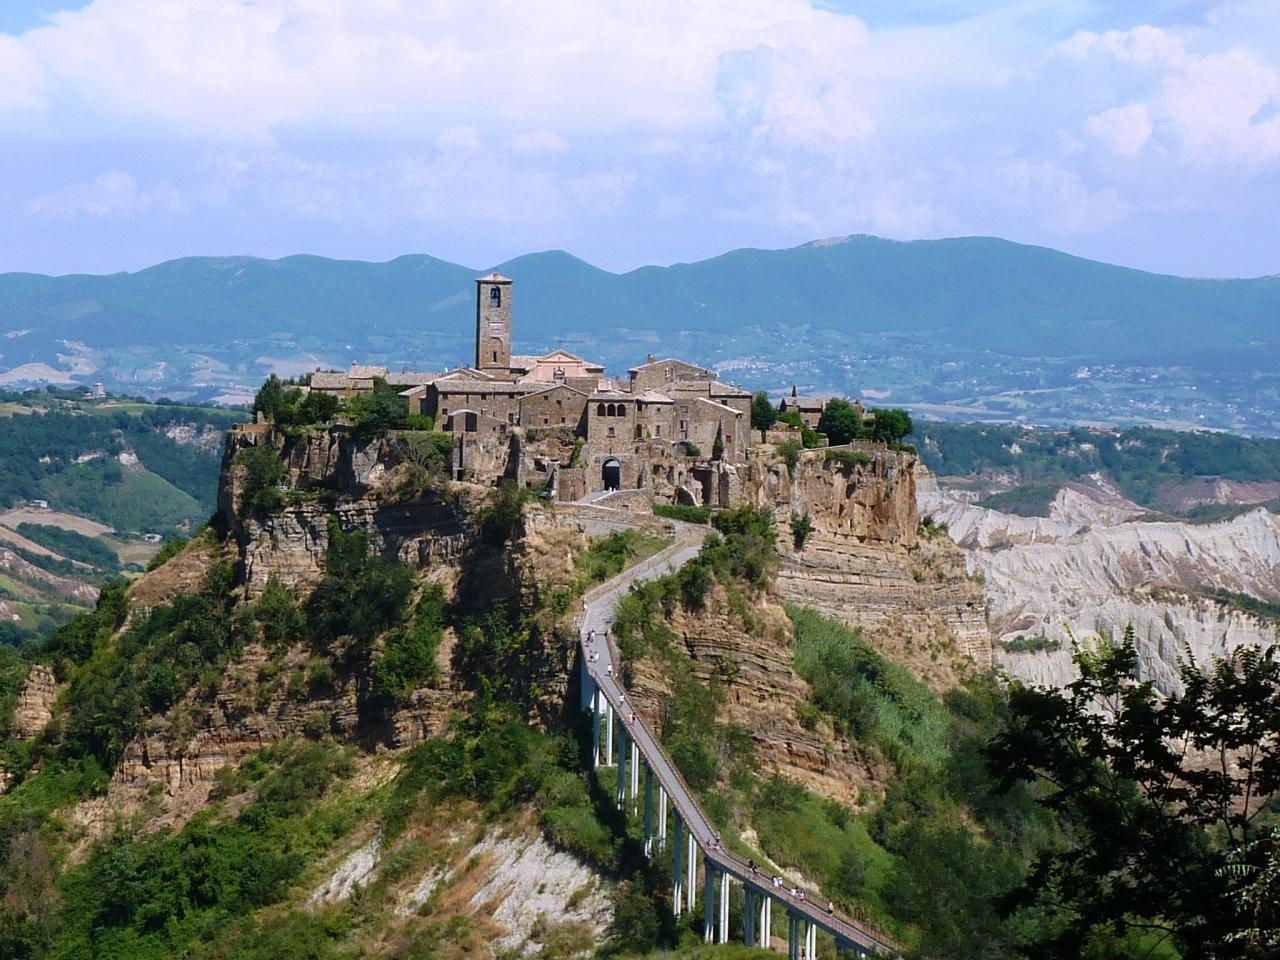 """チヴィタ ディ バニョレージョ - 長い橋の先、断崖絶壁の上に佇む""""天空の町"""""""